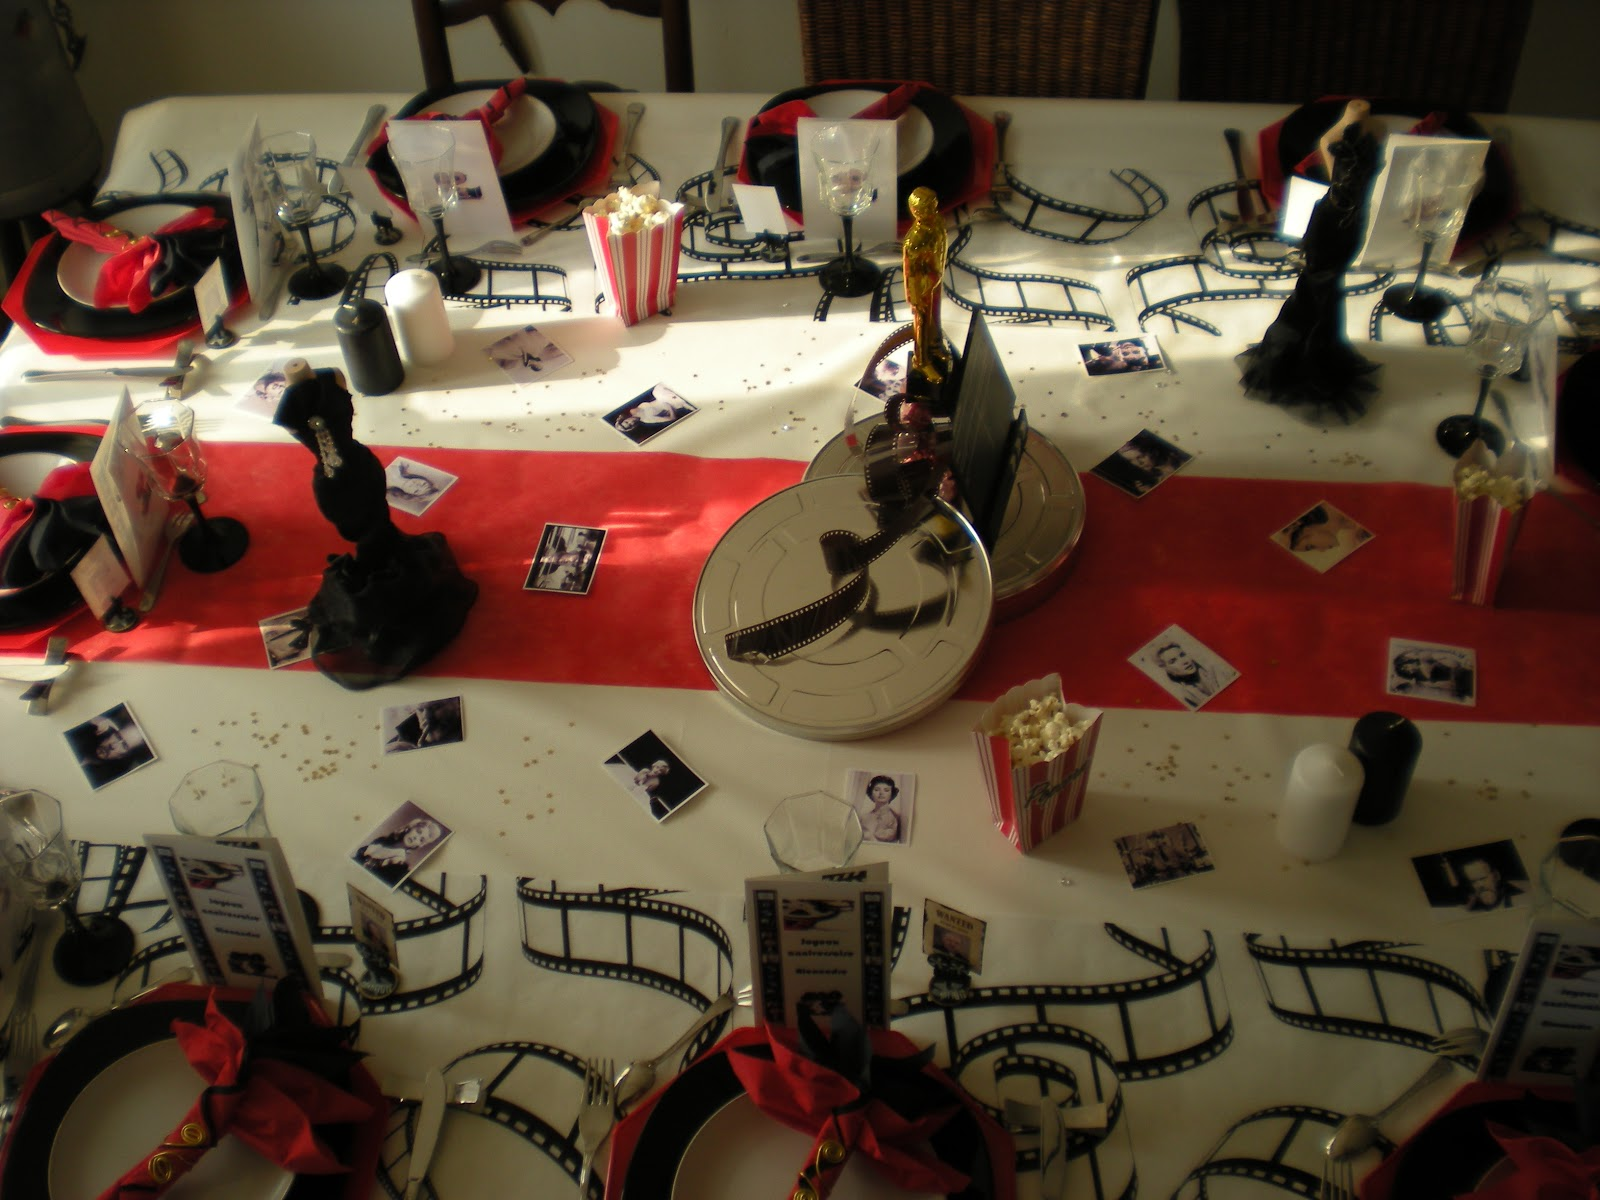 Au Milieu De La Table Un Chemin De Table Rouge Figure Le Tapis Rouge Des Escaliers Du Festival